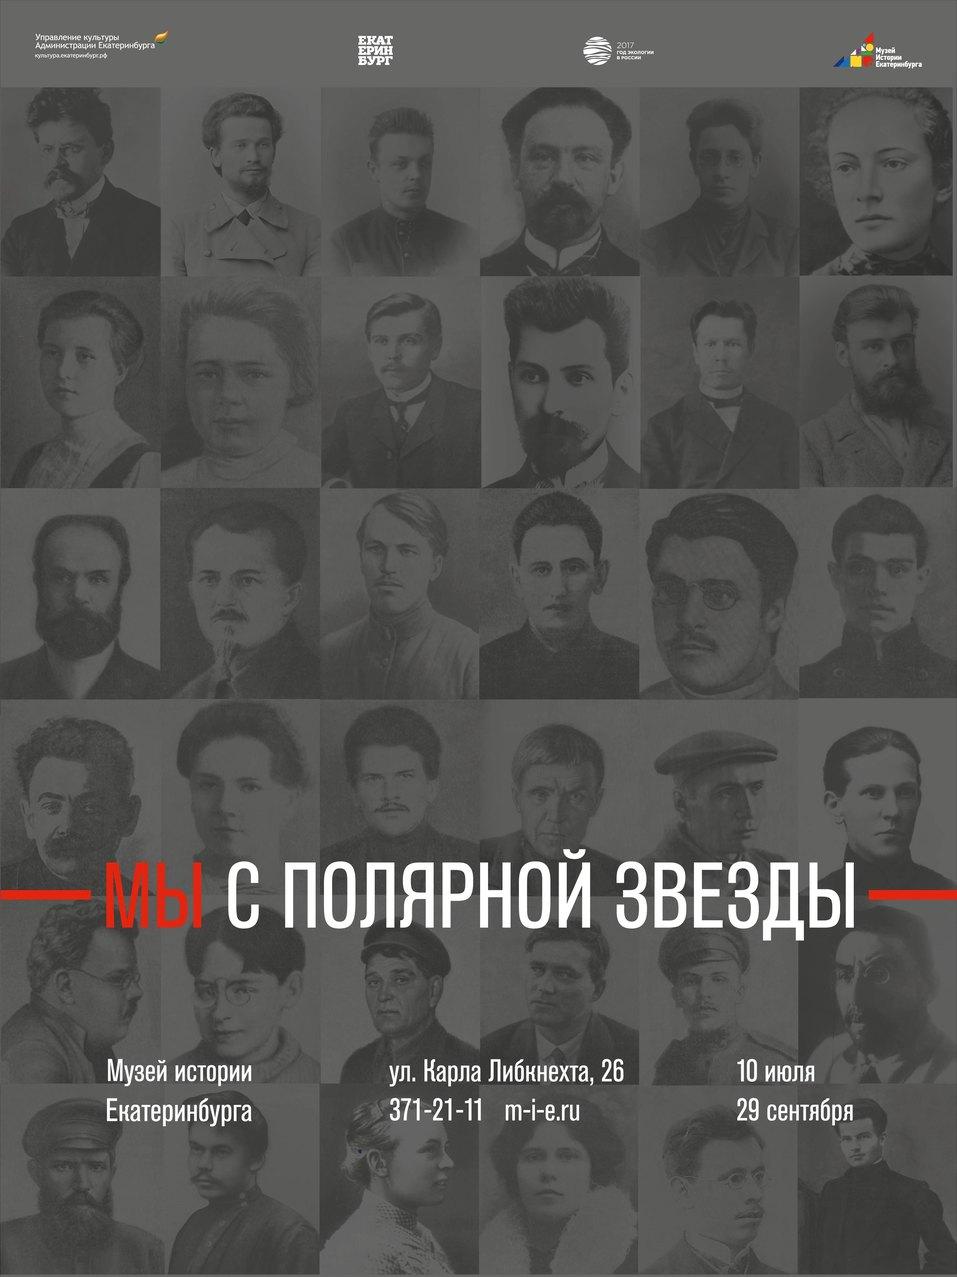 «Радением и неусыпными трудами». Как Татищев и Де Геннин основали Екатеринбург  6